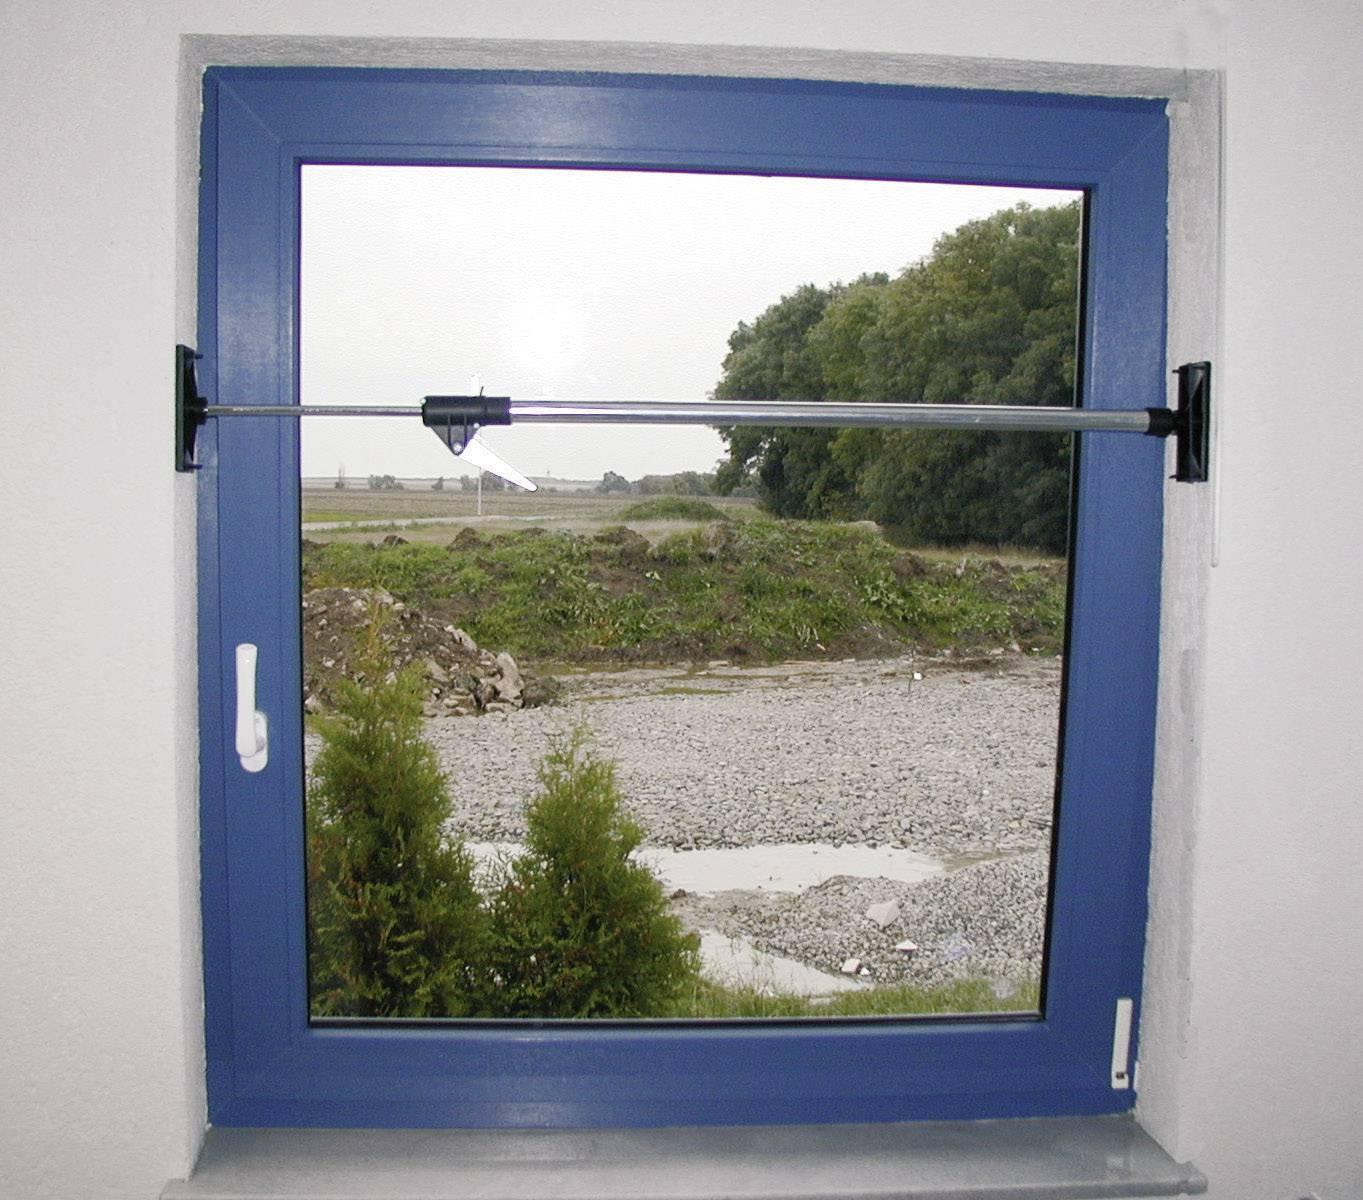 Dverová a okenná rozperná tyč 824188, 0.87 - 1.48 m, Max.nosnosť: 60 kg